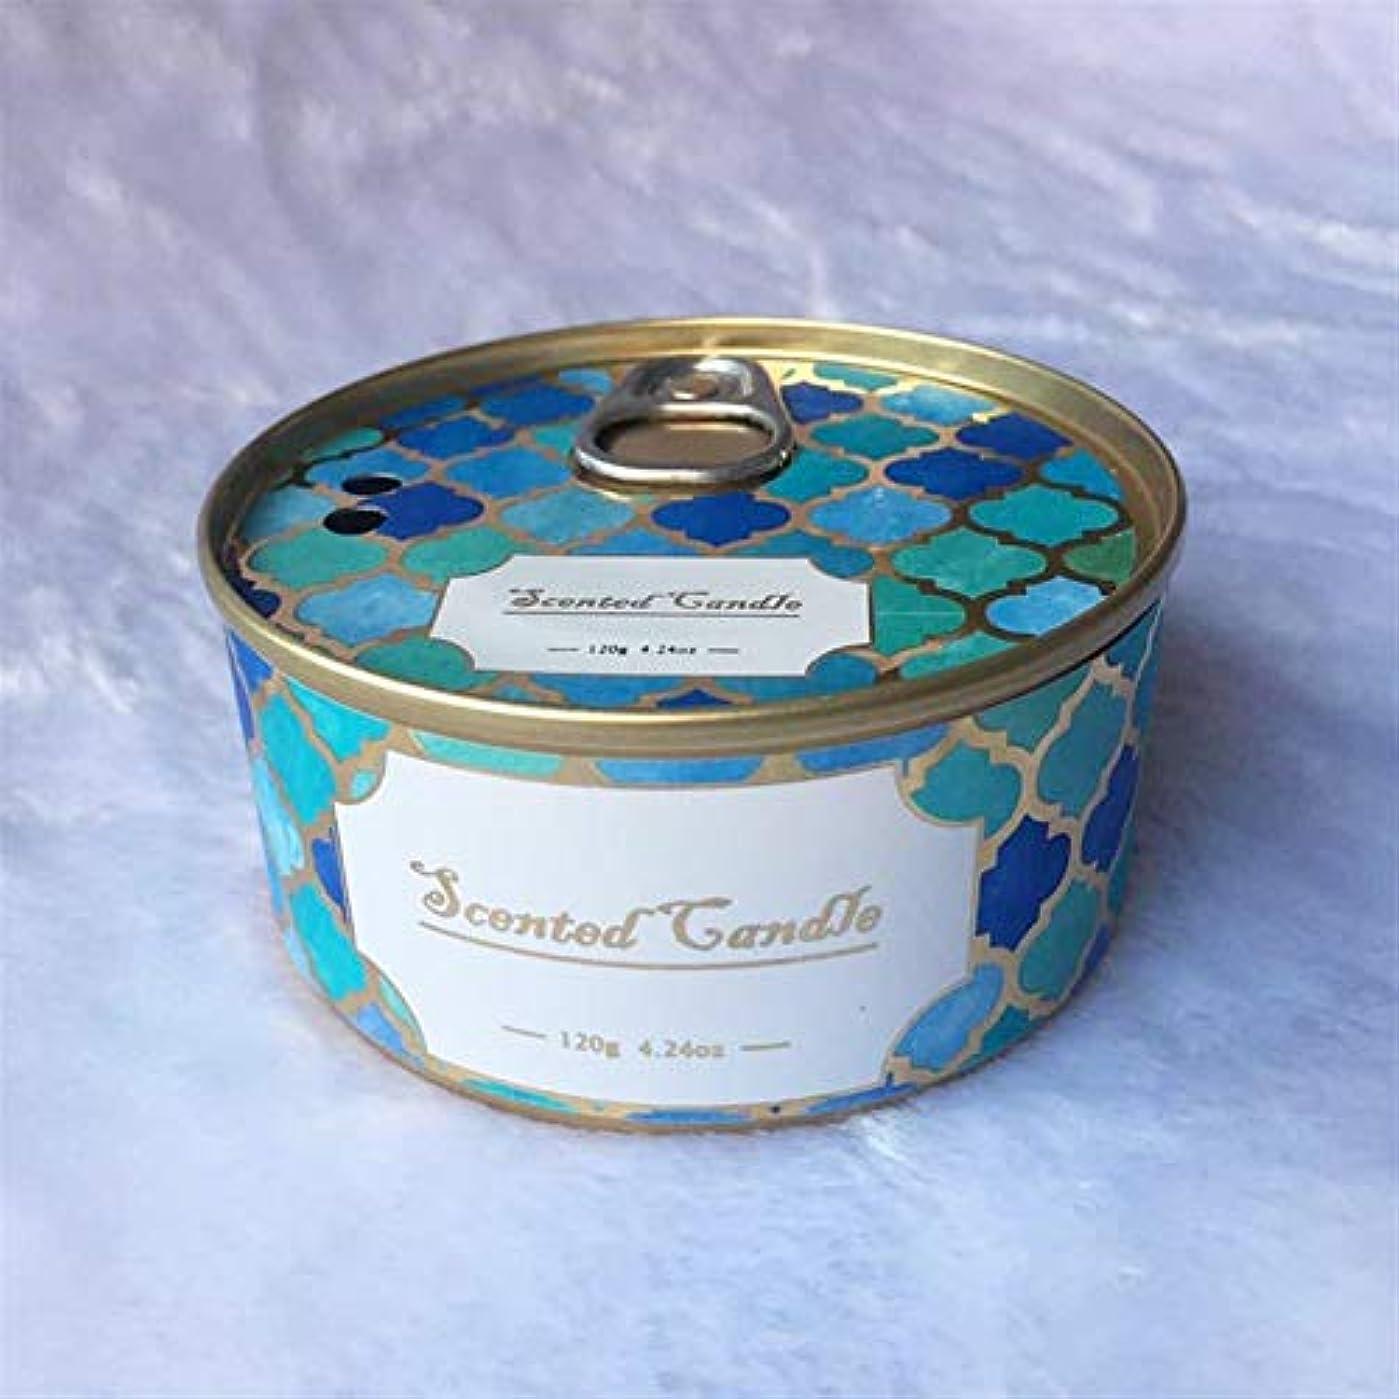 砂どうしたの読みやすいGuomao ブリキ缶植物エッセンシャルオイルハイエンドギフト大豆ワックスモスオーキッド香りのキャンドル (色 : Moss)